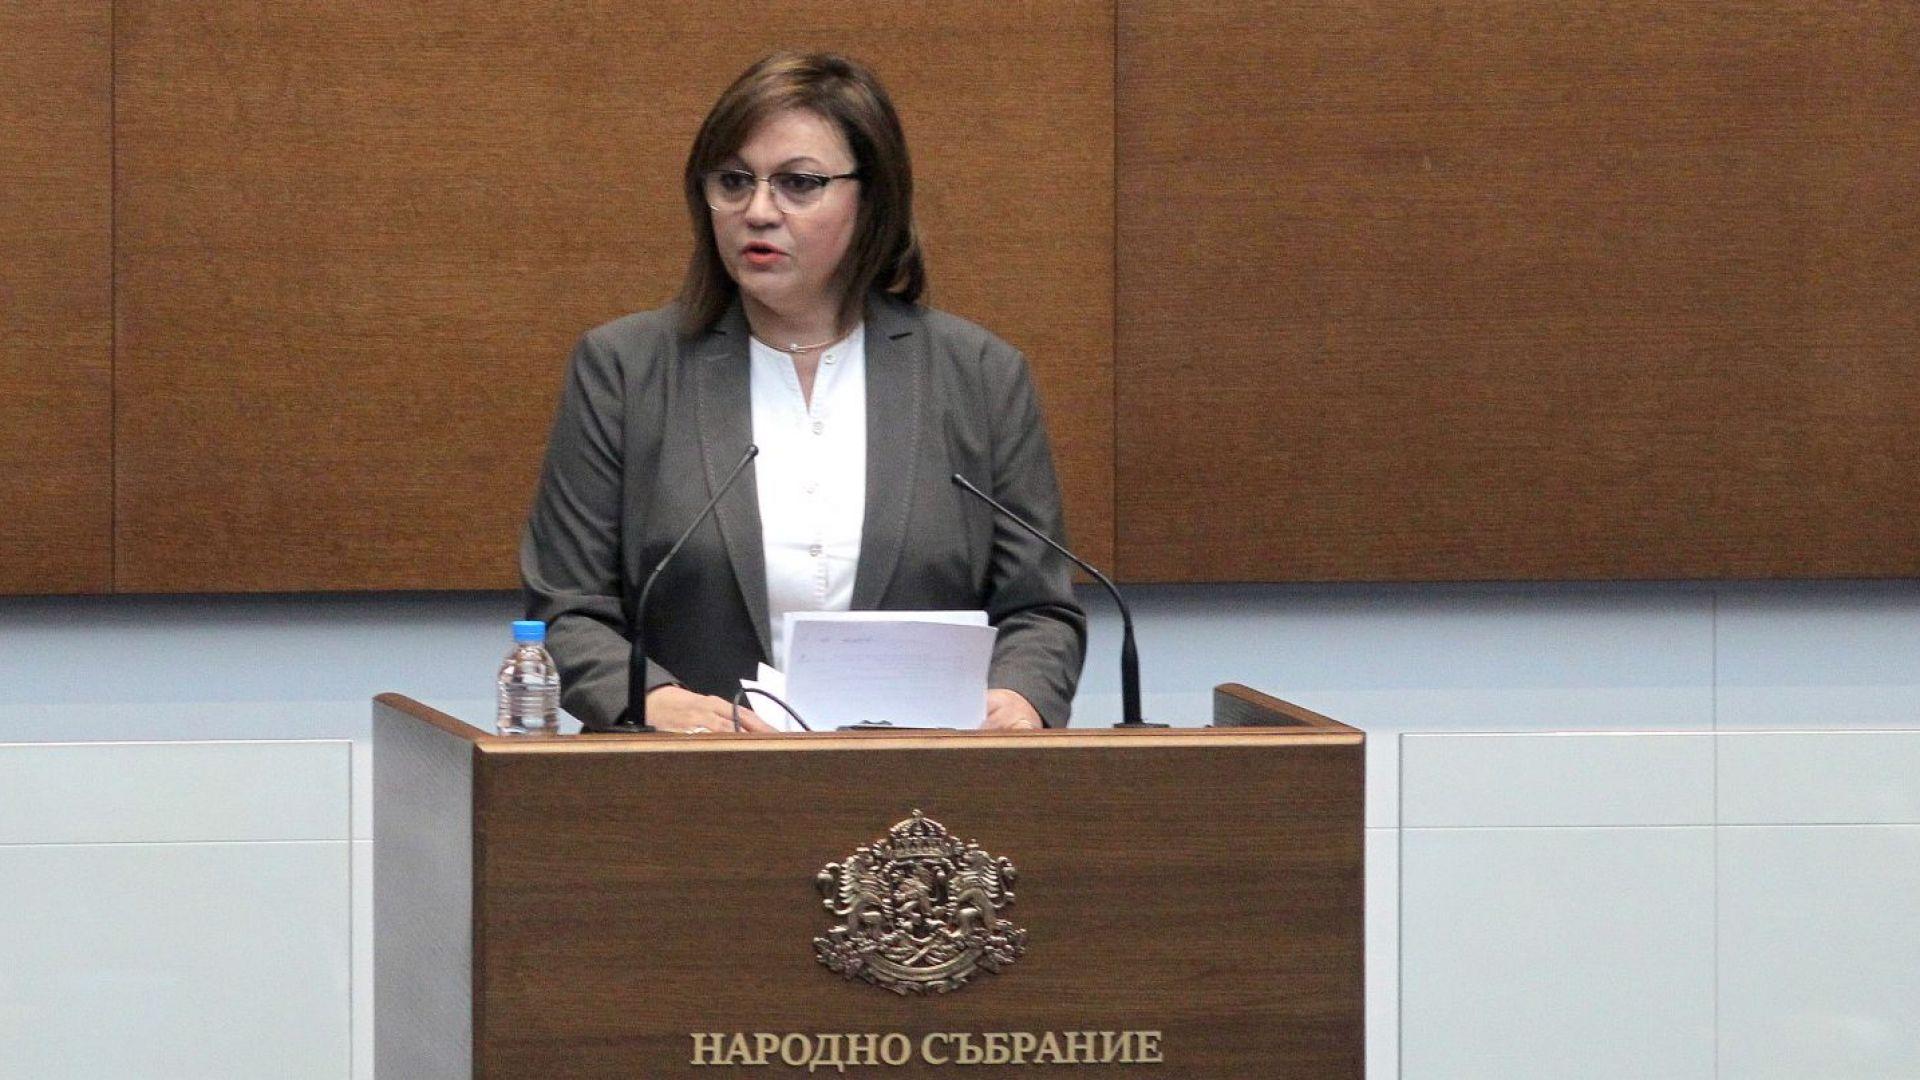 Нинова: След Борисов ще променим харченето на бюджета - прозрачно и през парламента